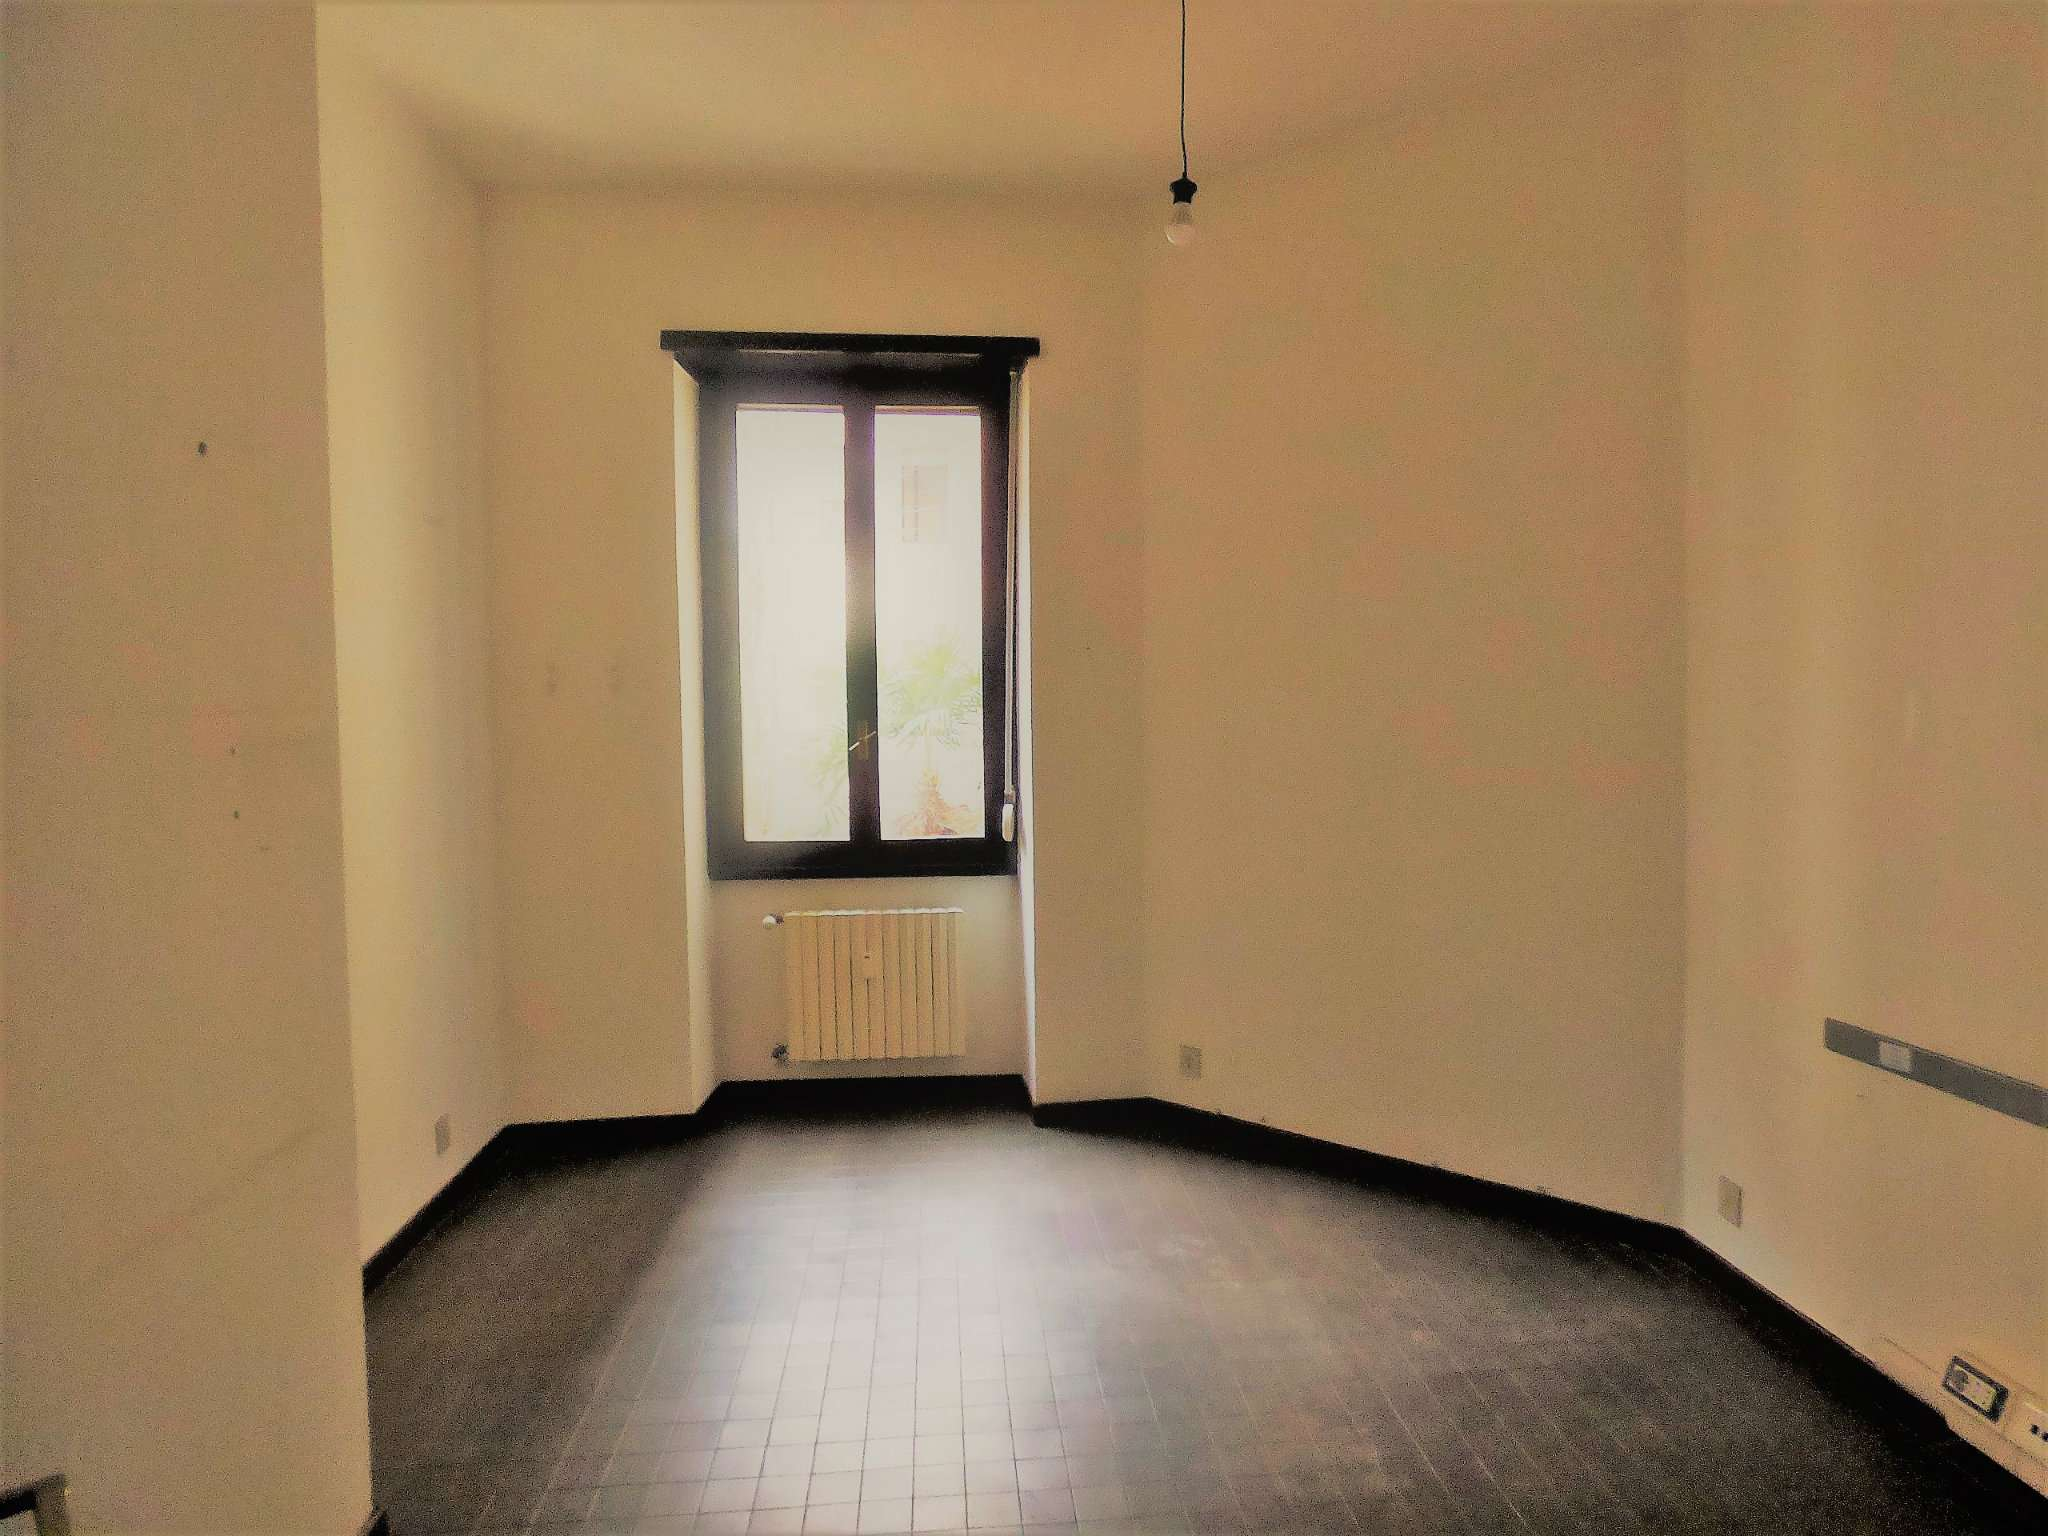 Ufficio-studio in Affitto a Milano 17 Marghera / Wagner / Fiera: 3 locali, 93 mq